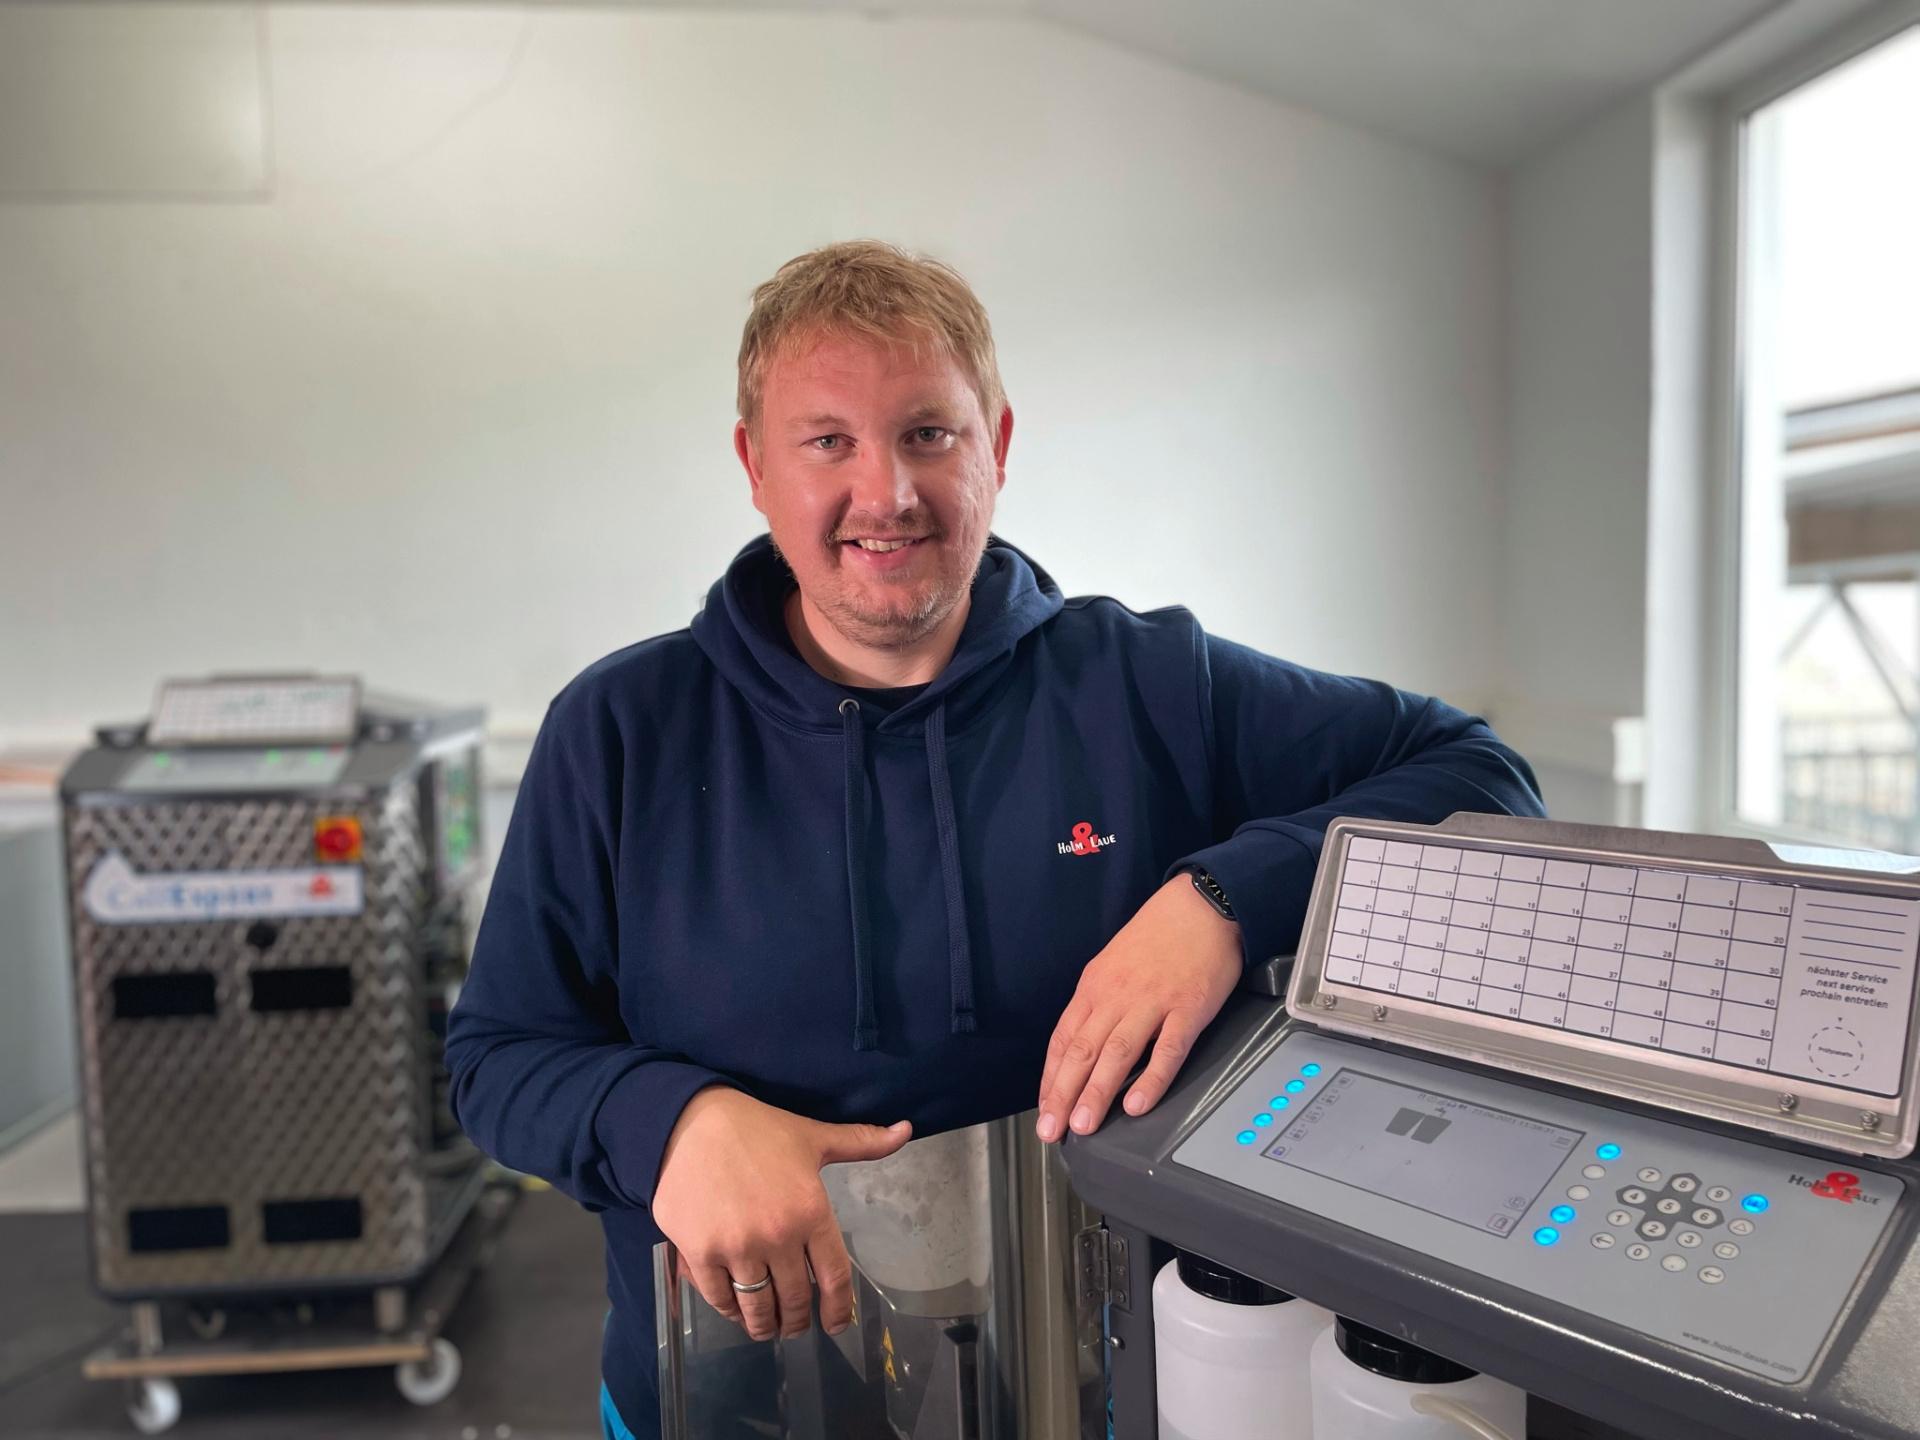 Jens Böhrnsen, Leiter Service und Schulung